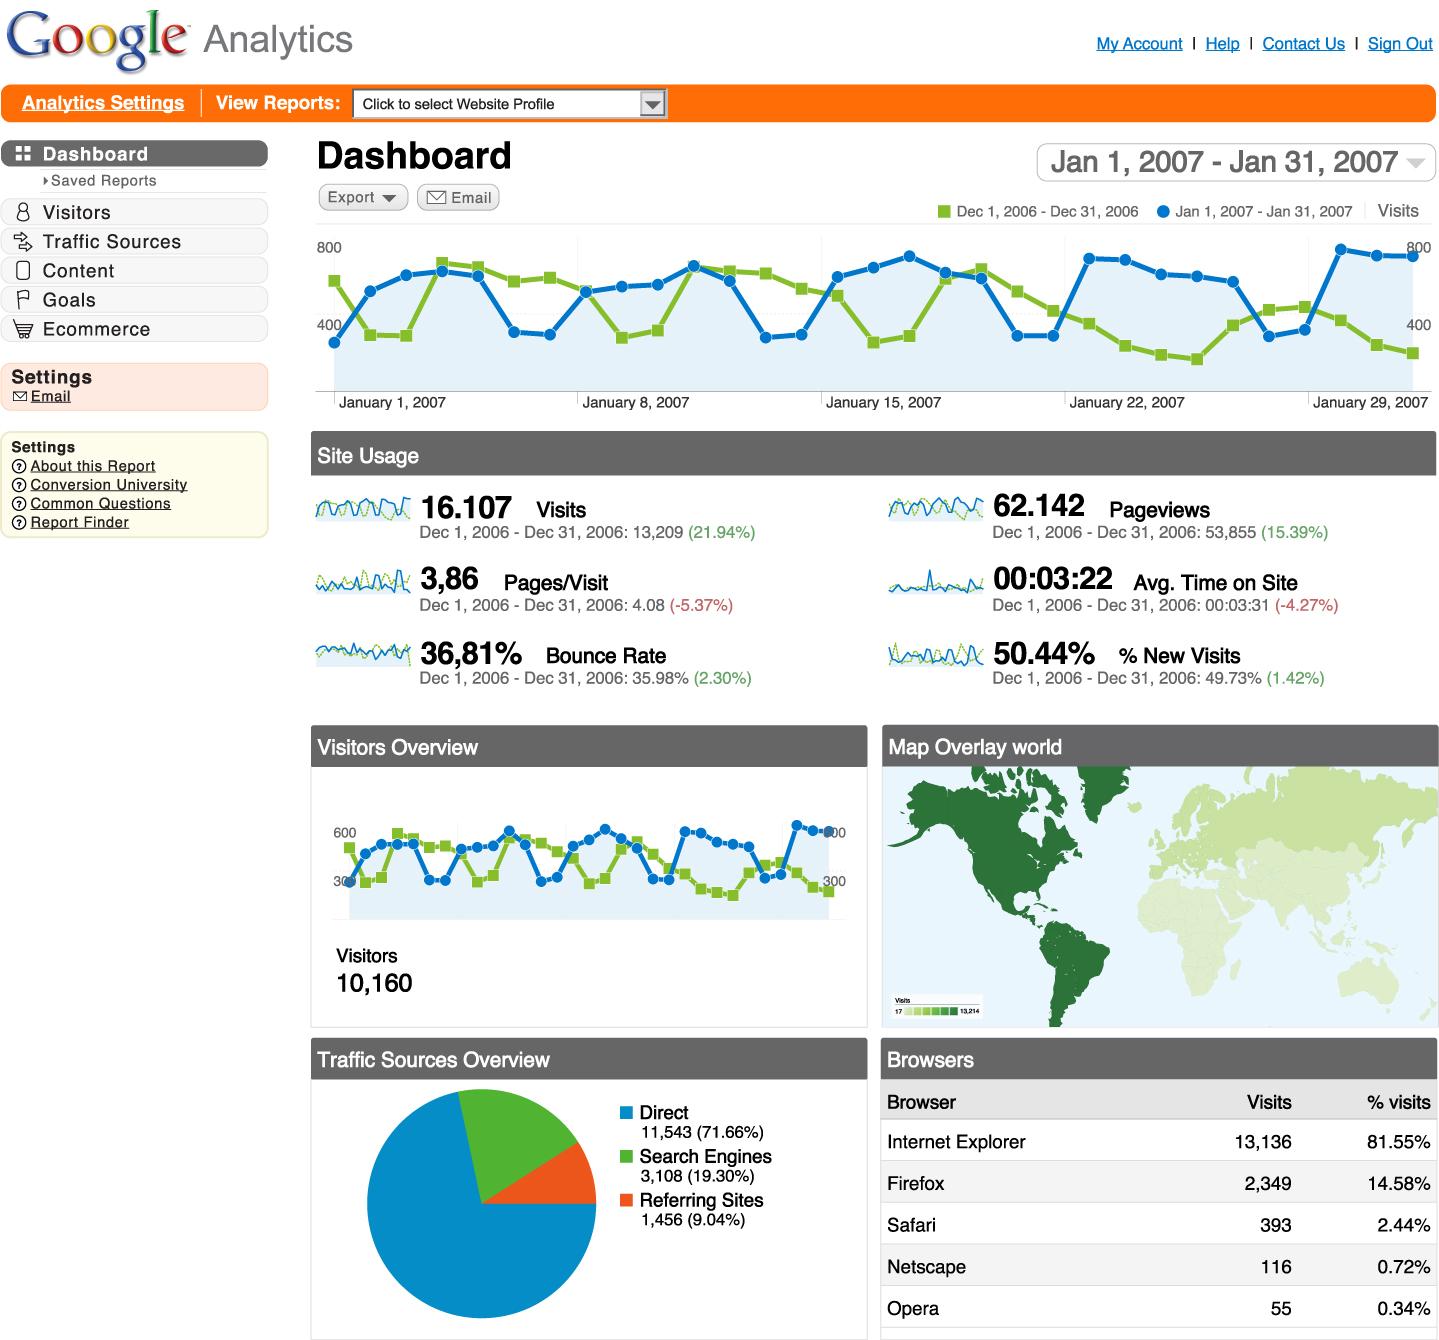 SEO/Analytics Reporting